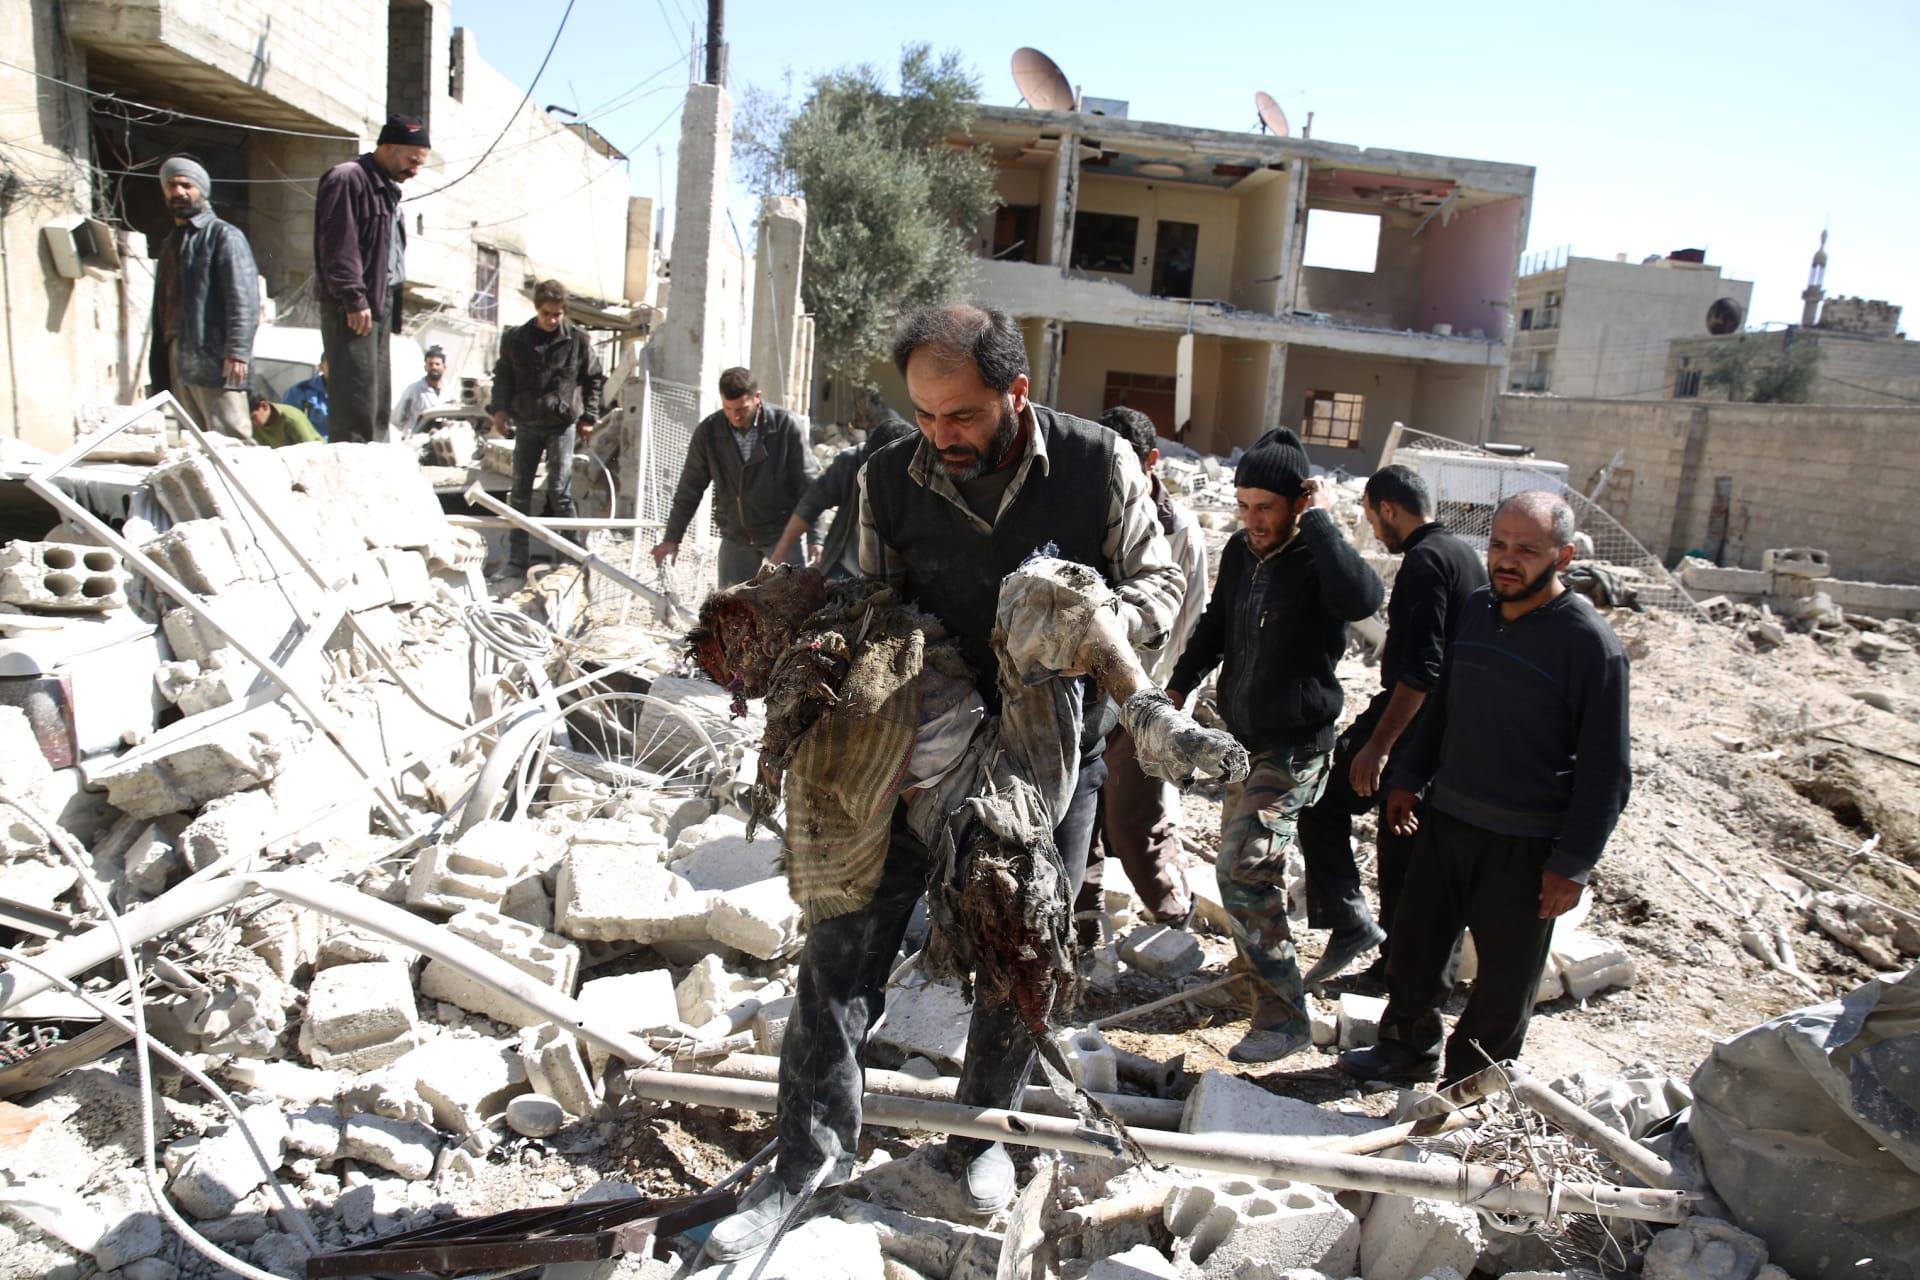 """في يوم إعلان سريان بداية """"وقف الأعمال العدائية"""".. المرصد: حصيلة قتلى سوريا 183 شخصا منهم 89 عضوا في """"داعش"""""""